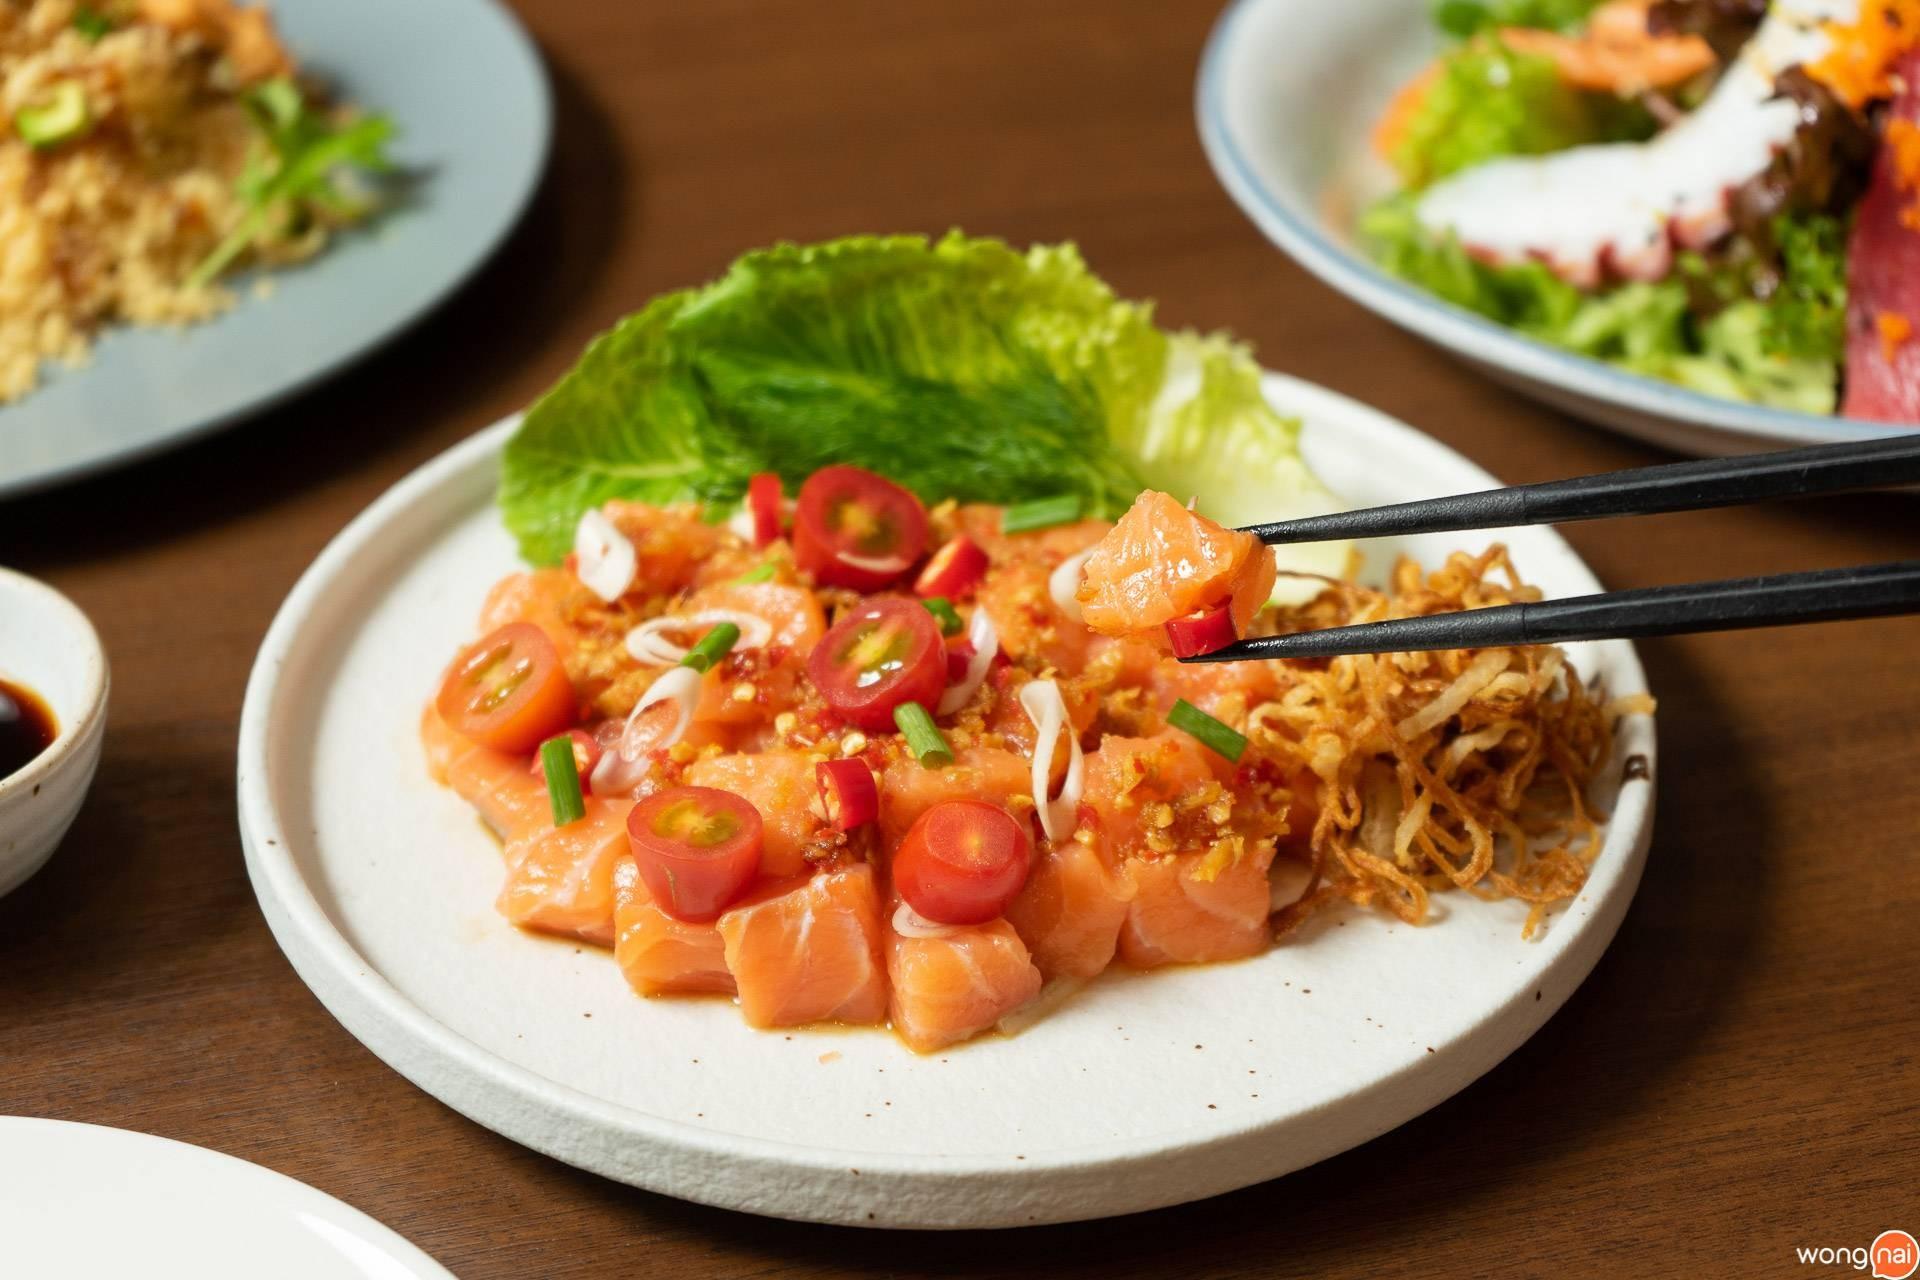 Spicy Salmon Sashimi On The Table